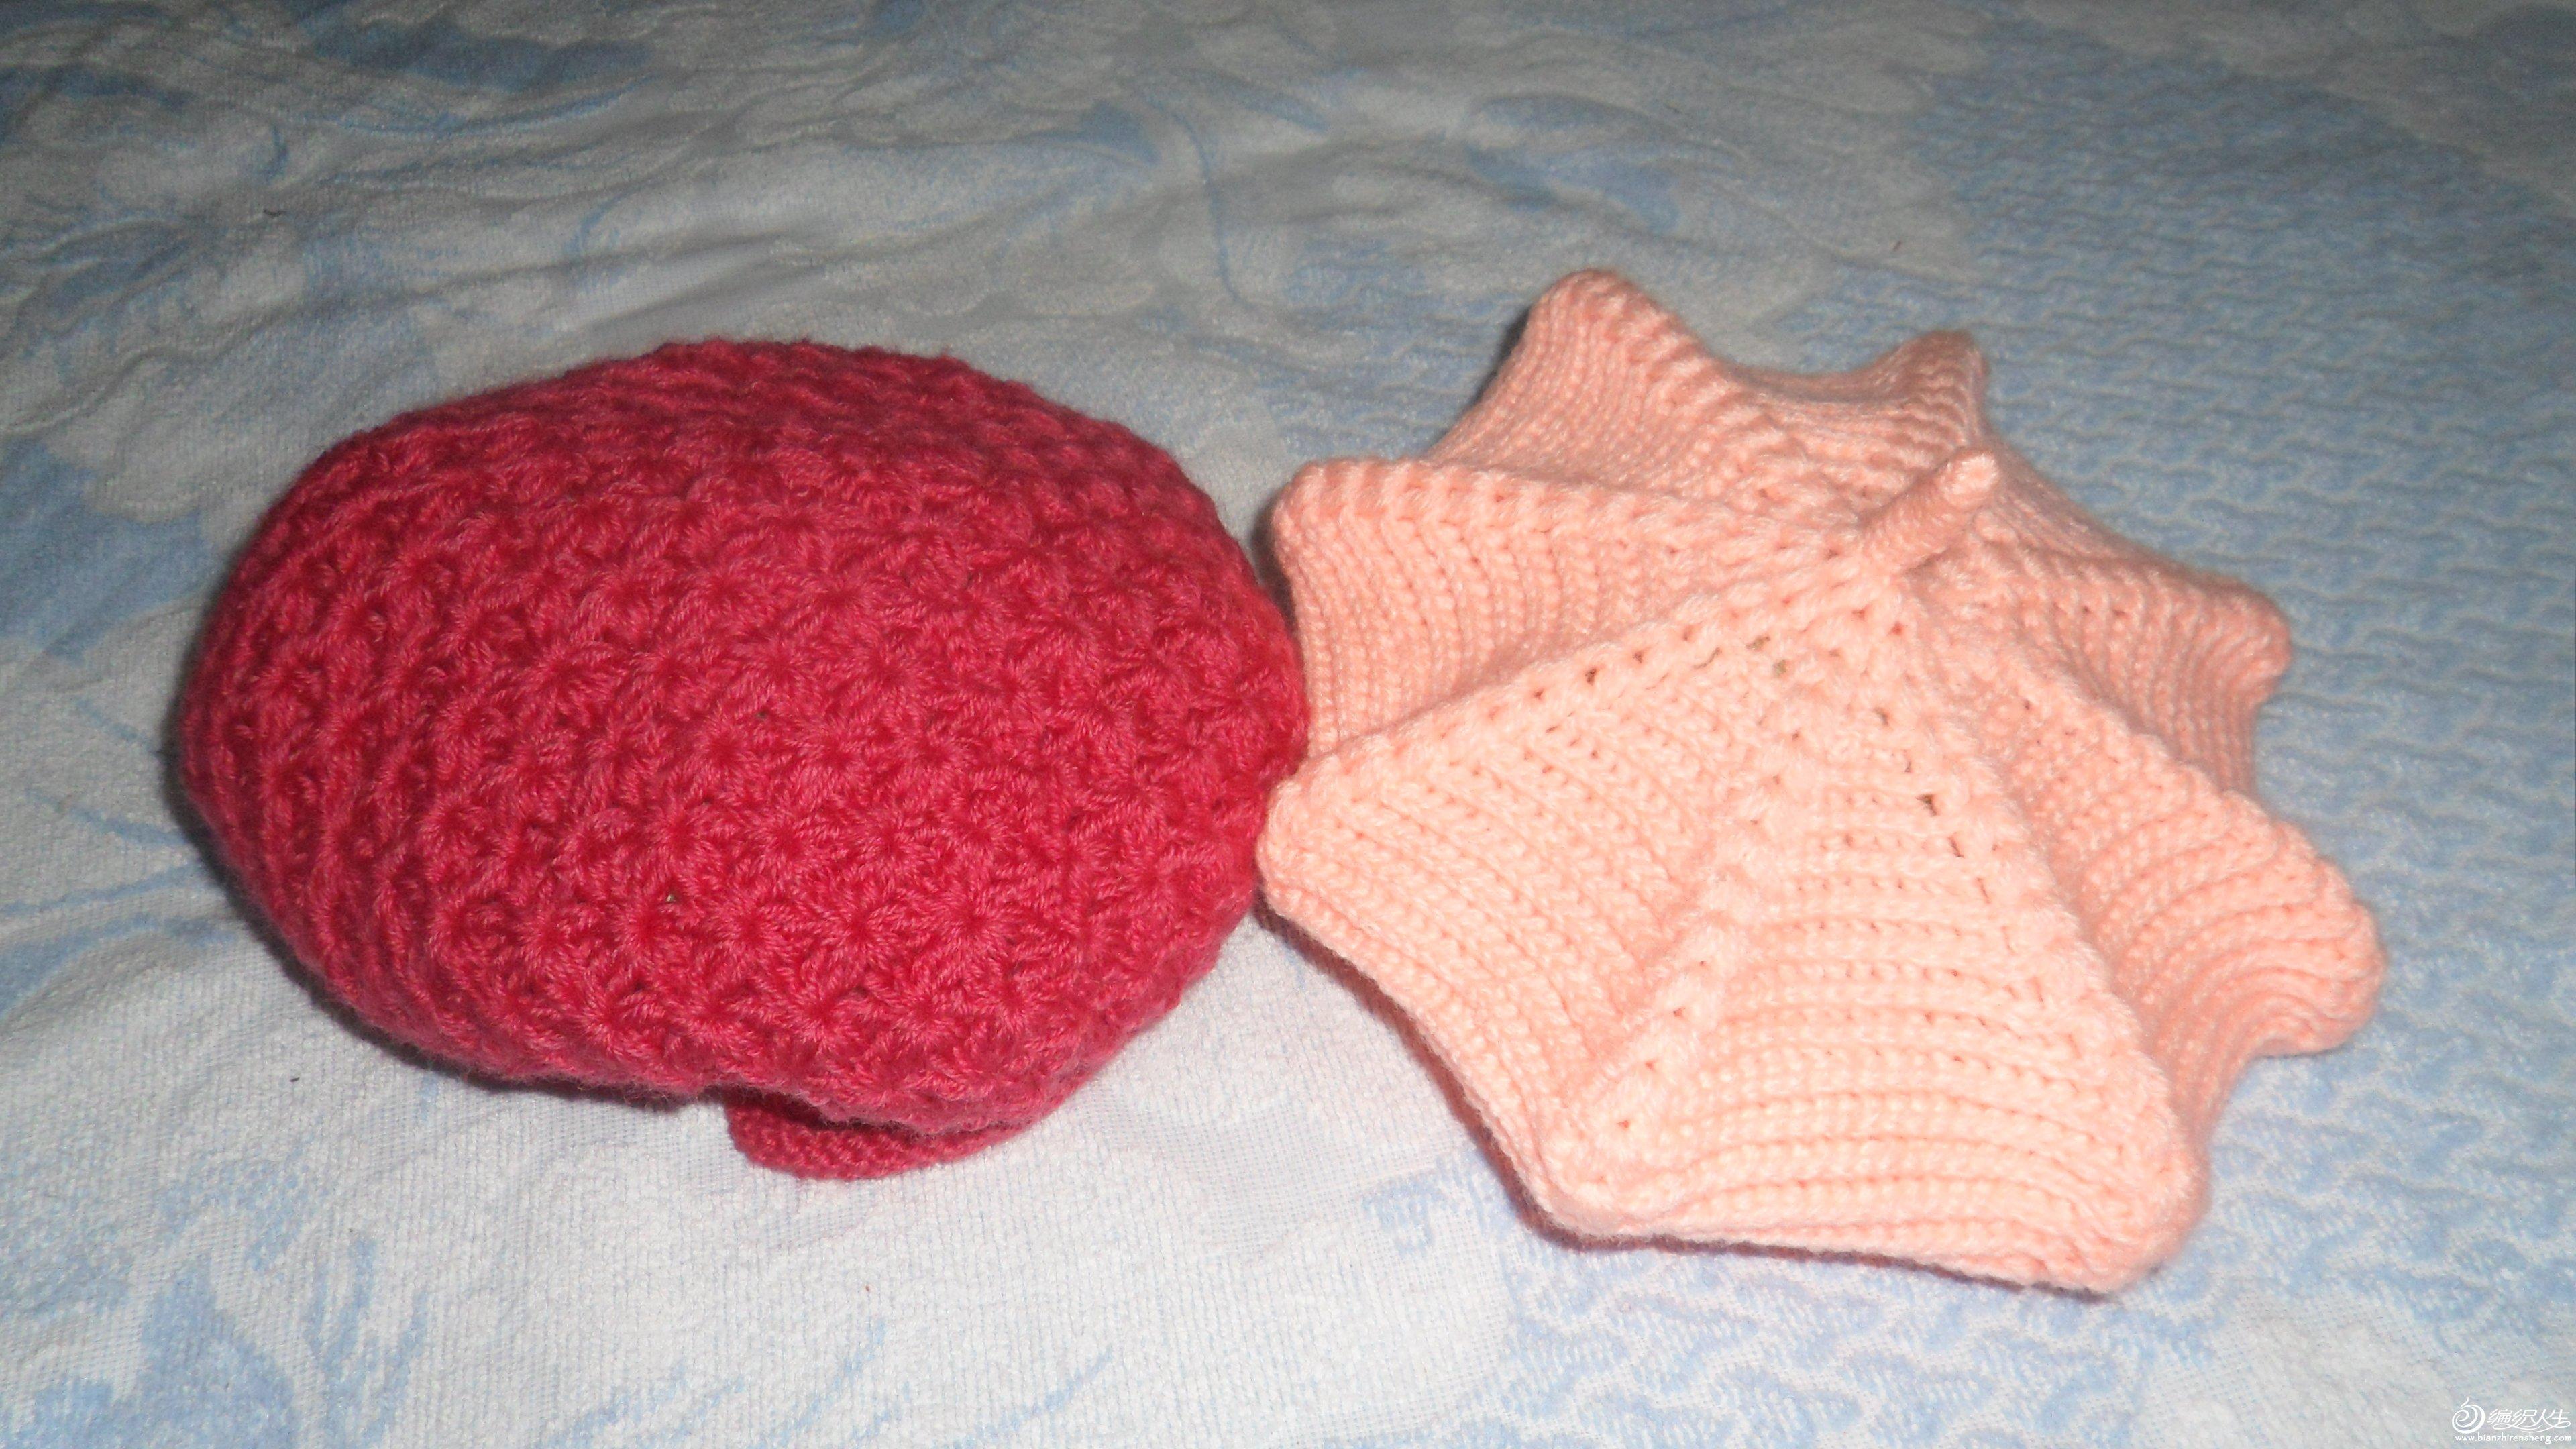 69 2014下半年钩织的一些作品    钩的两顶帽子,粉红的是儿童八角帽